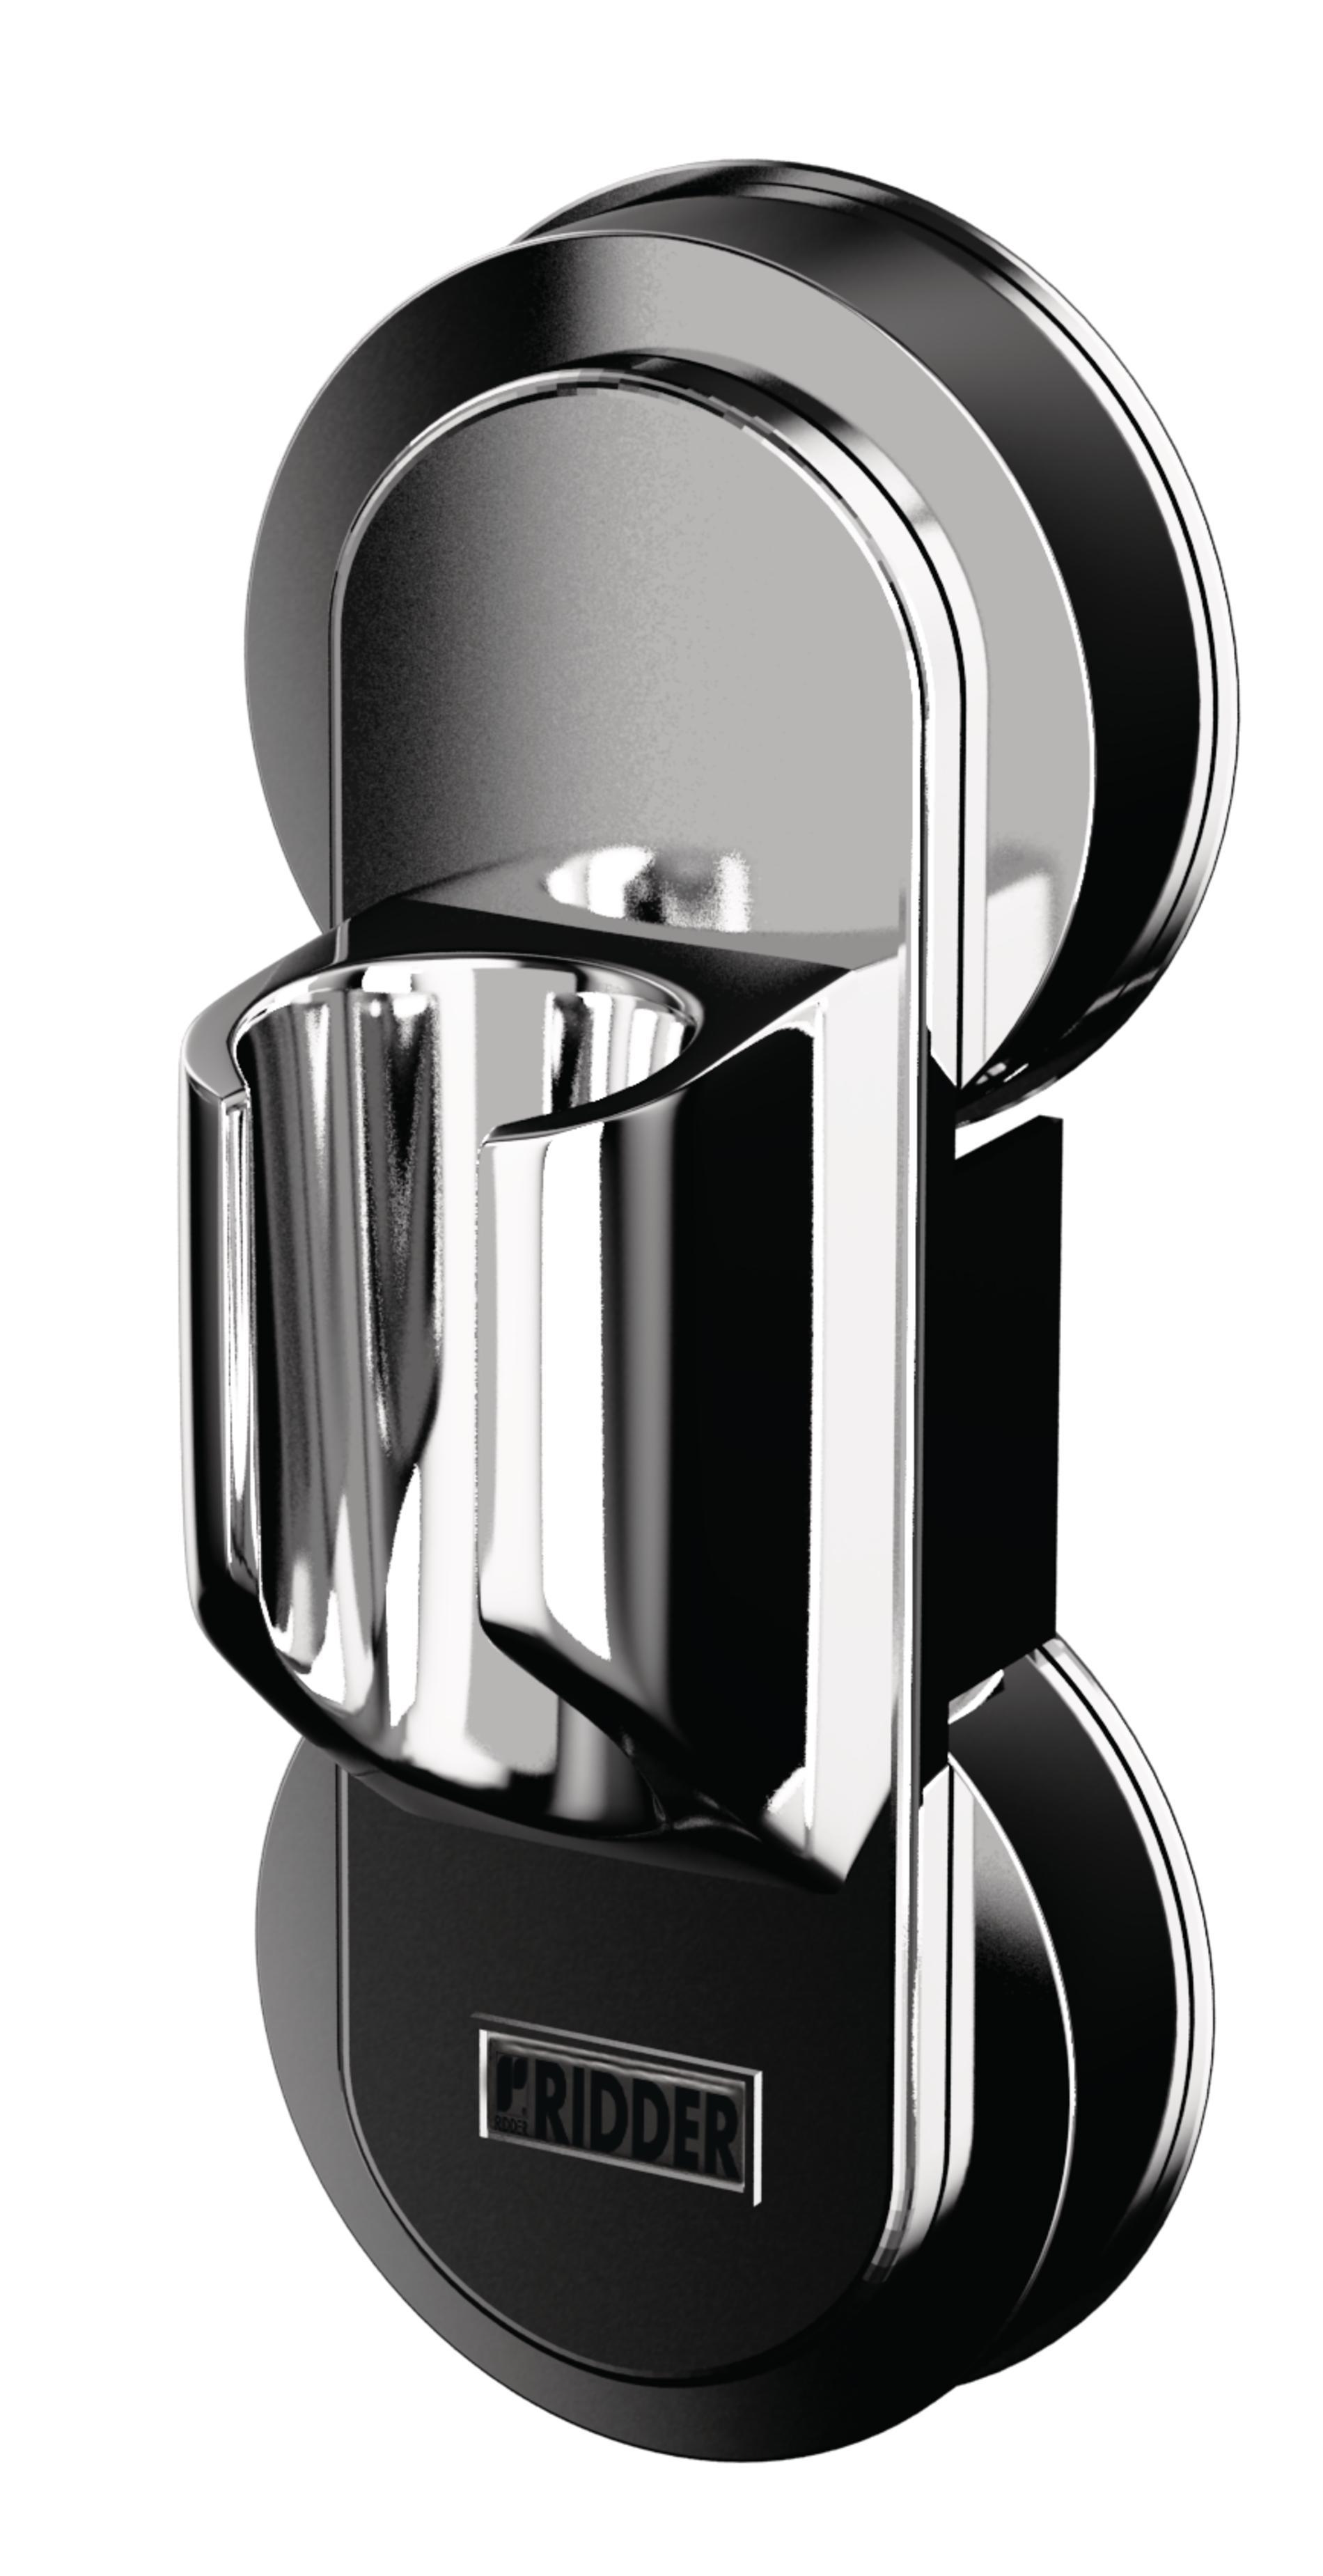 RIDDER Saug-Brausekopfhalter 65x146x52 mm silber Brausehalter Handbrause Brause